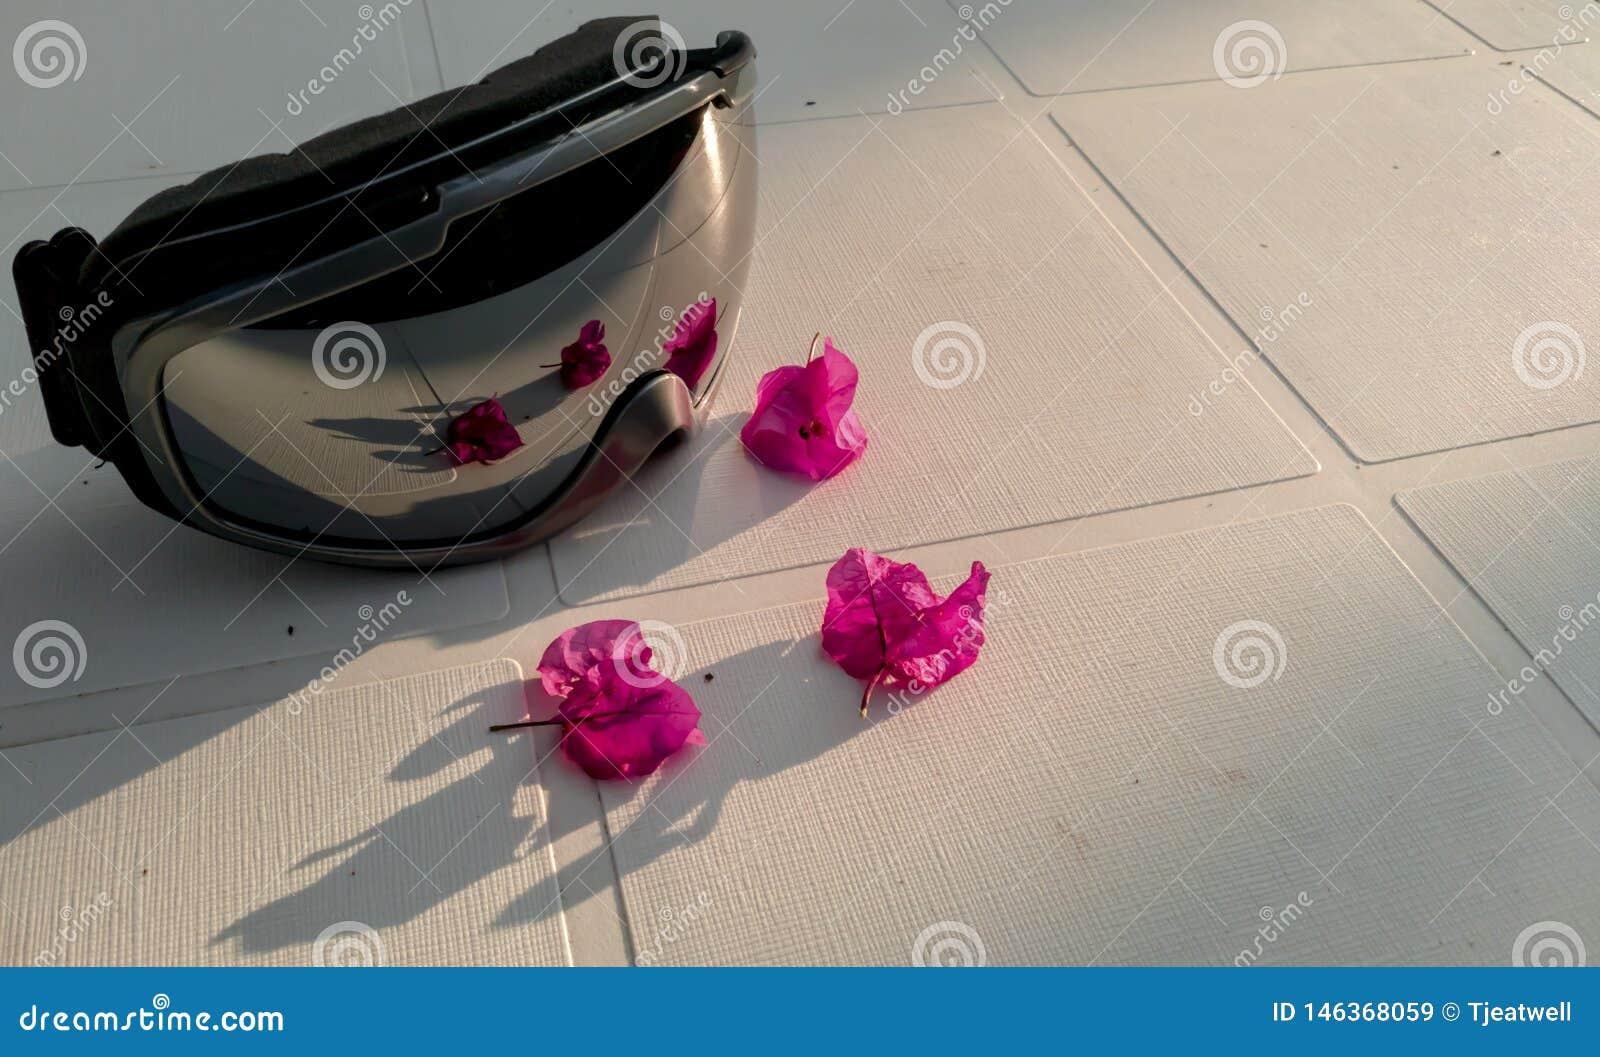 Ski goggels met bloemencompilatie